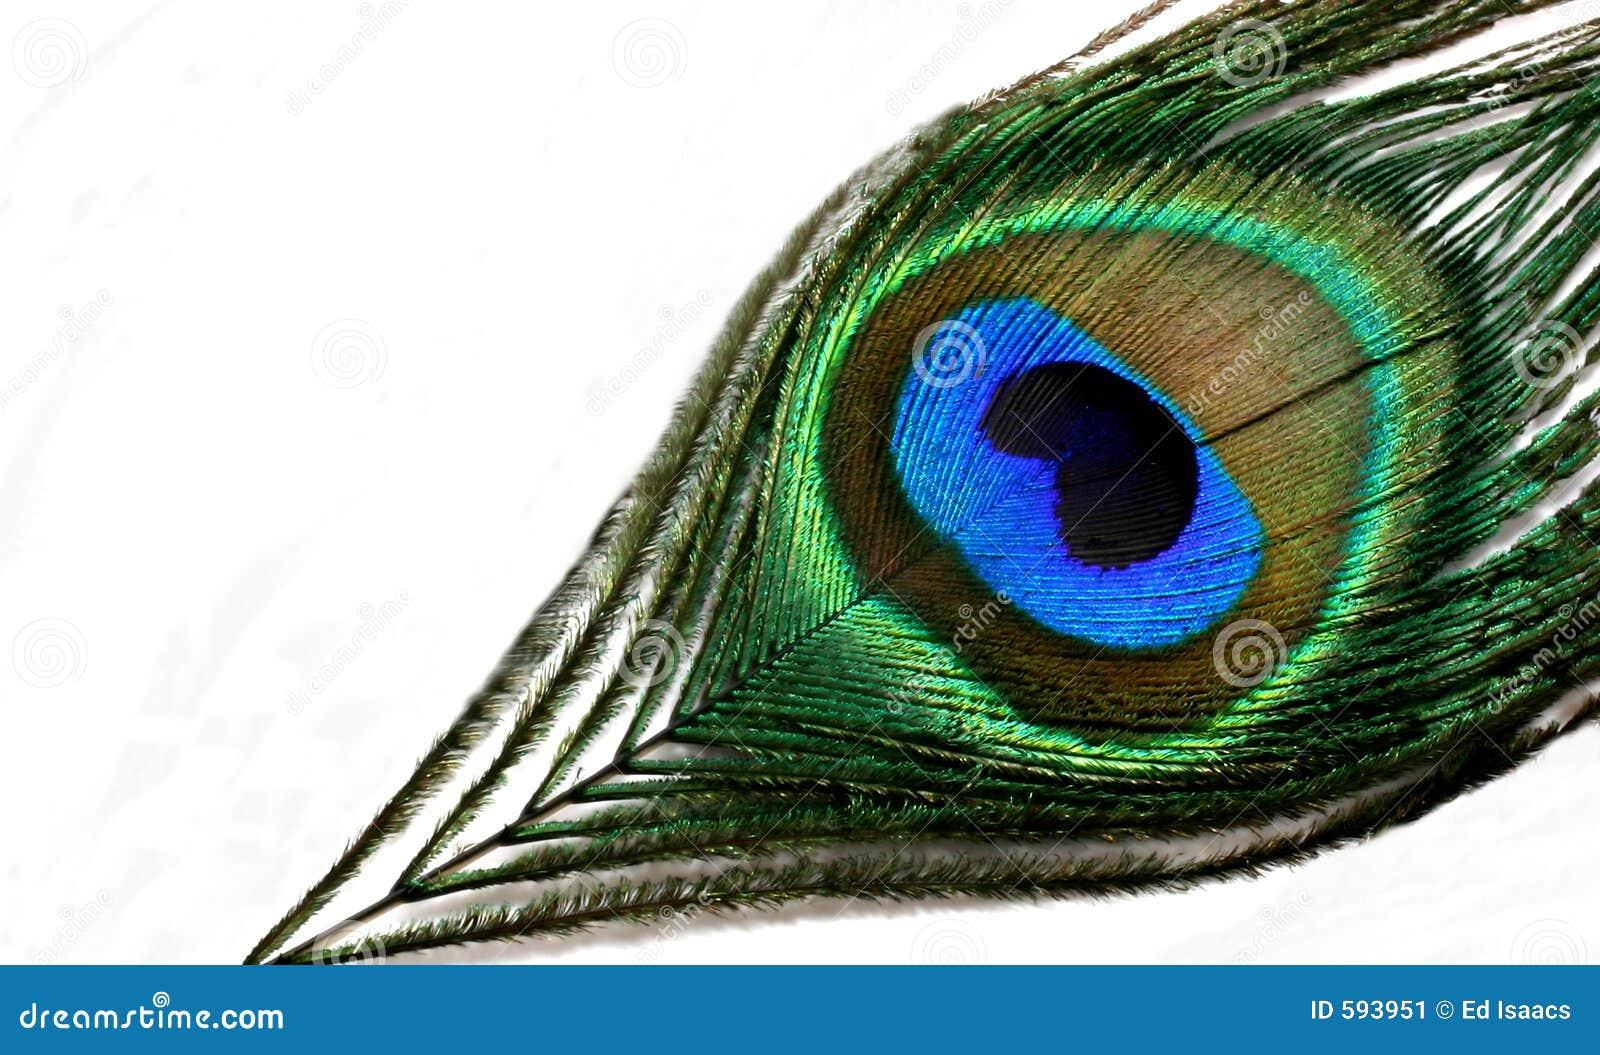 Pluma del pavo real imagen de archivo imagen de colorido - Fotos de un pavo real ...